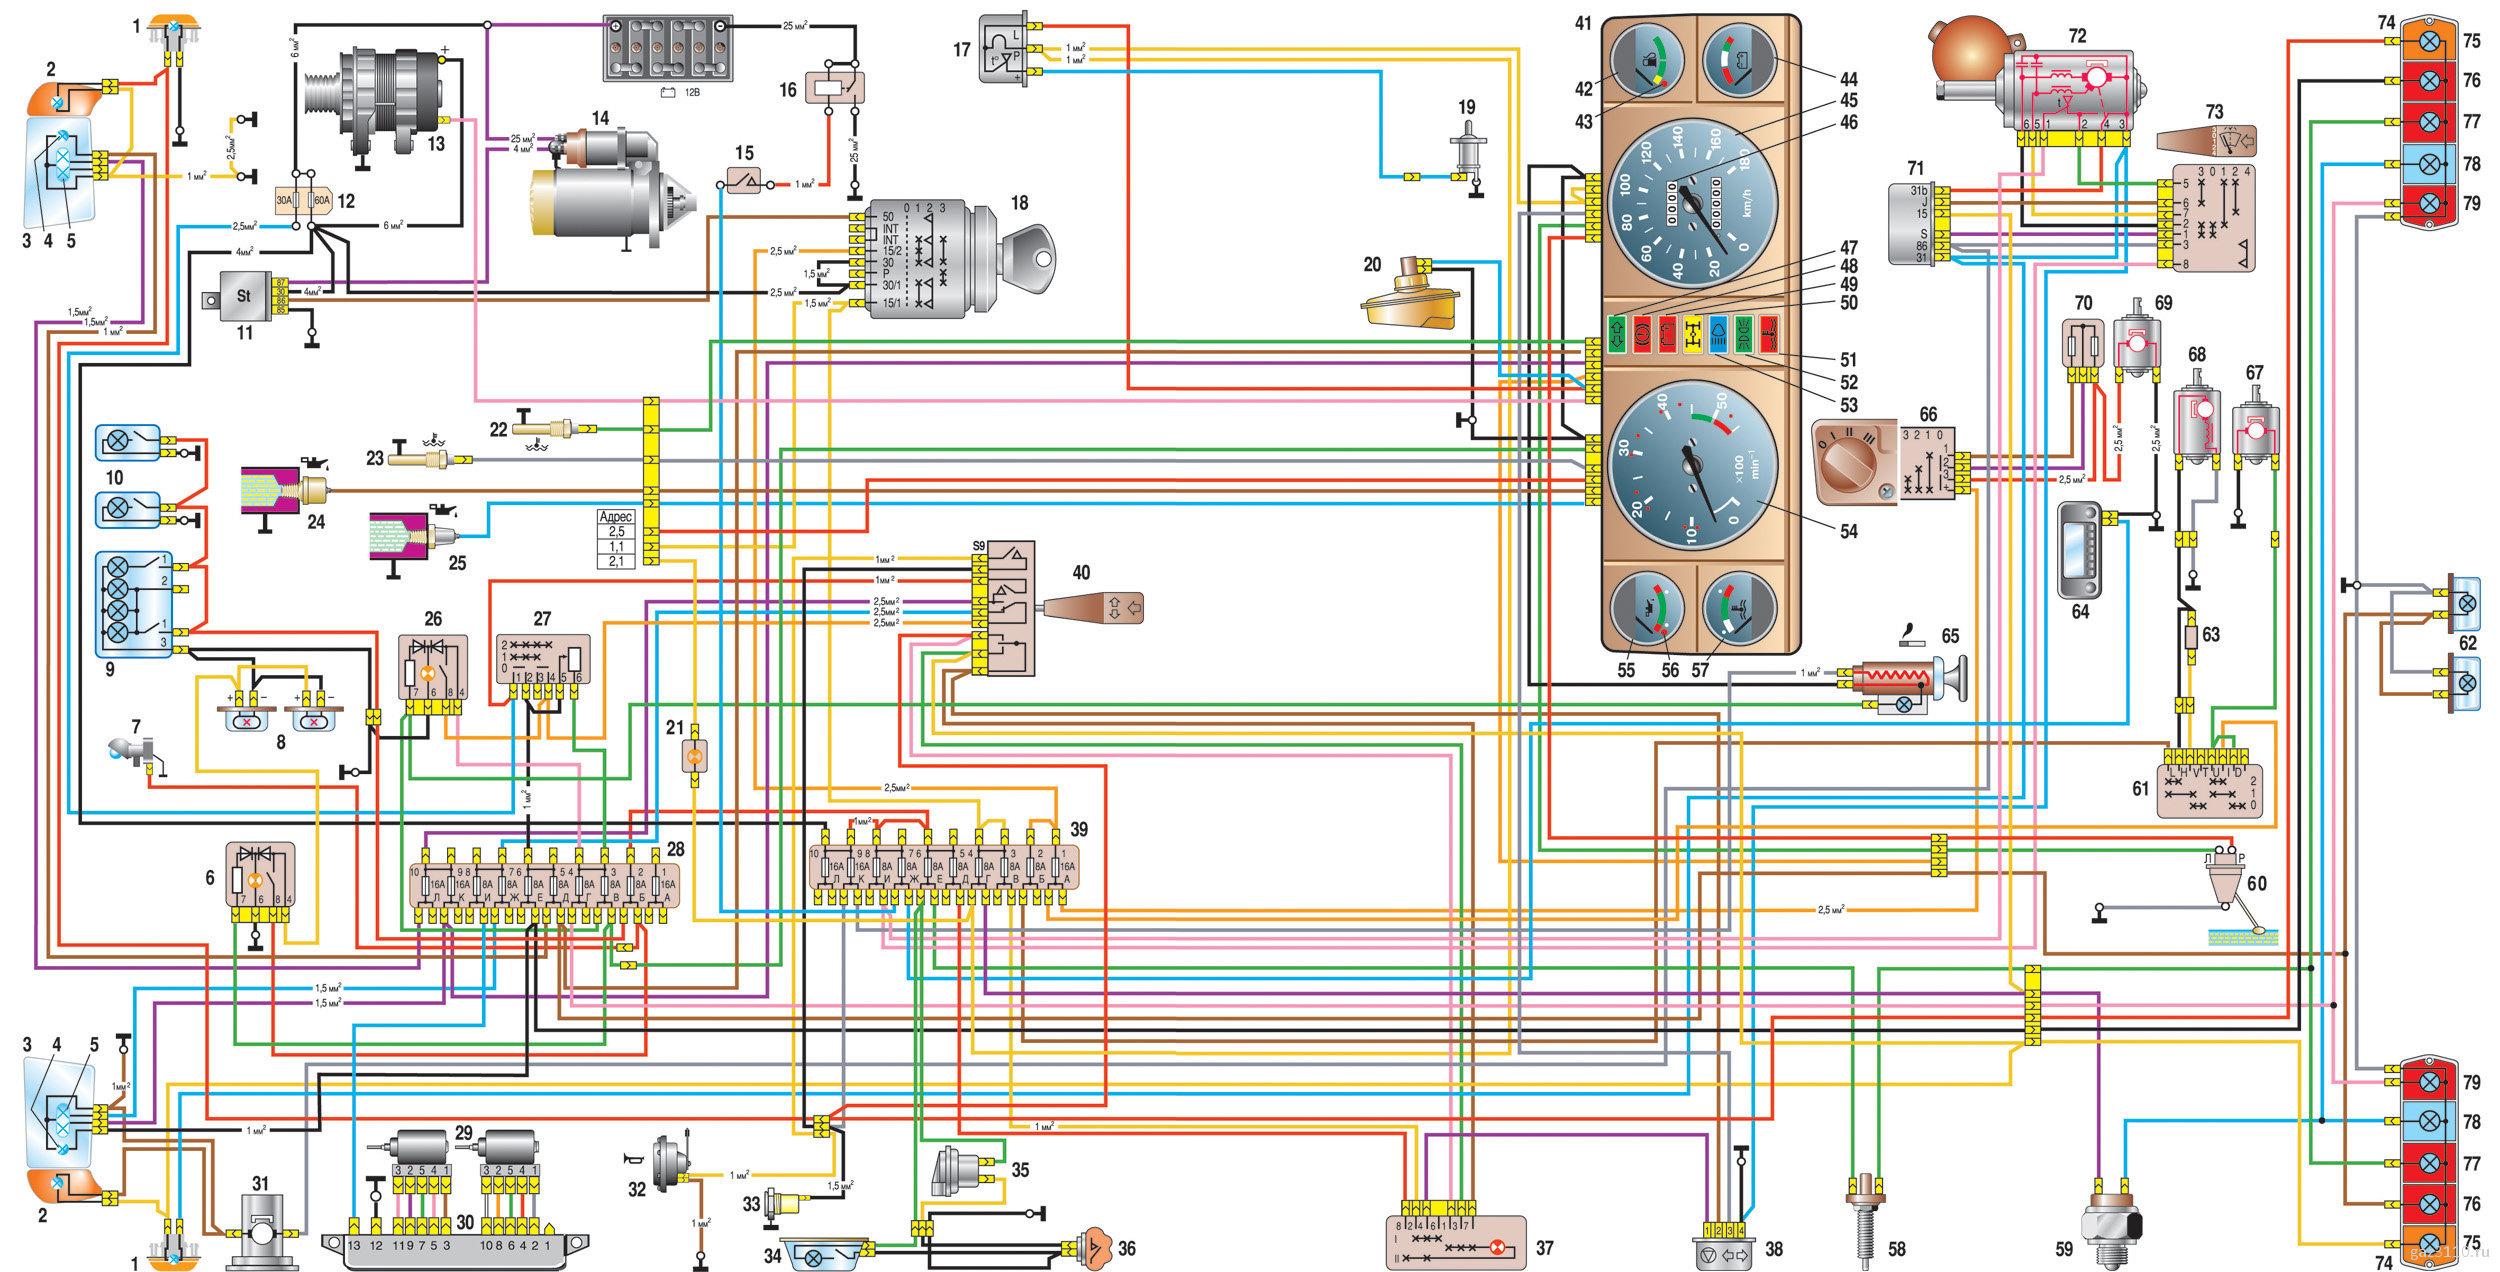 Схема подключения датчиков двигателя газель 406 карбюратор